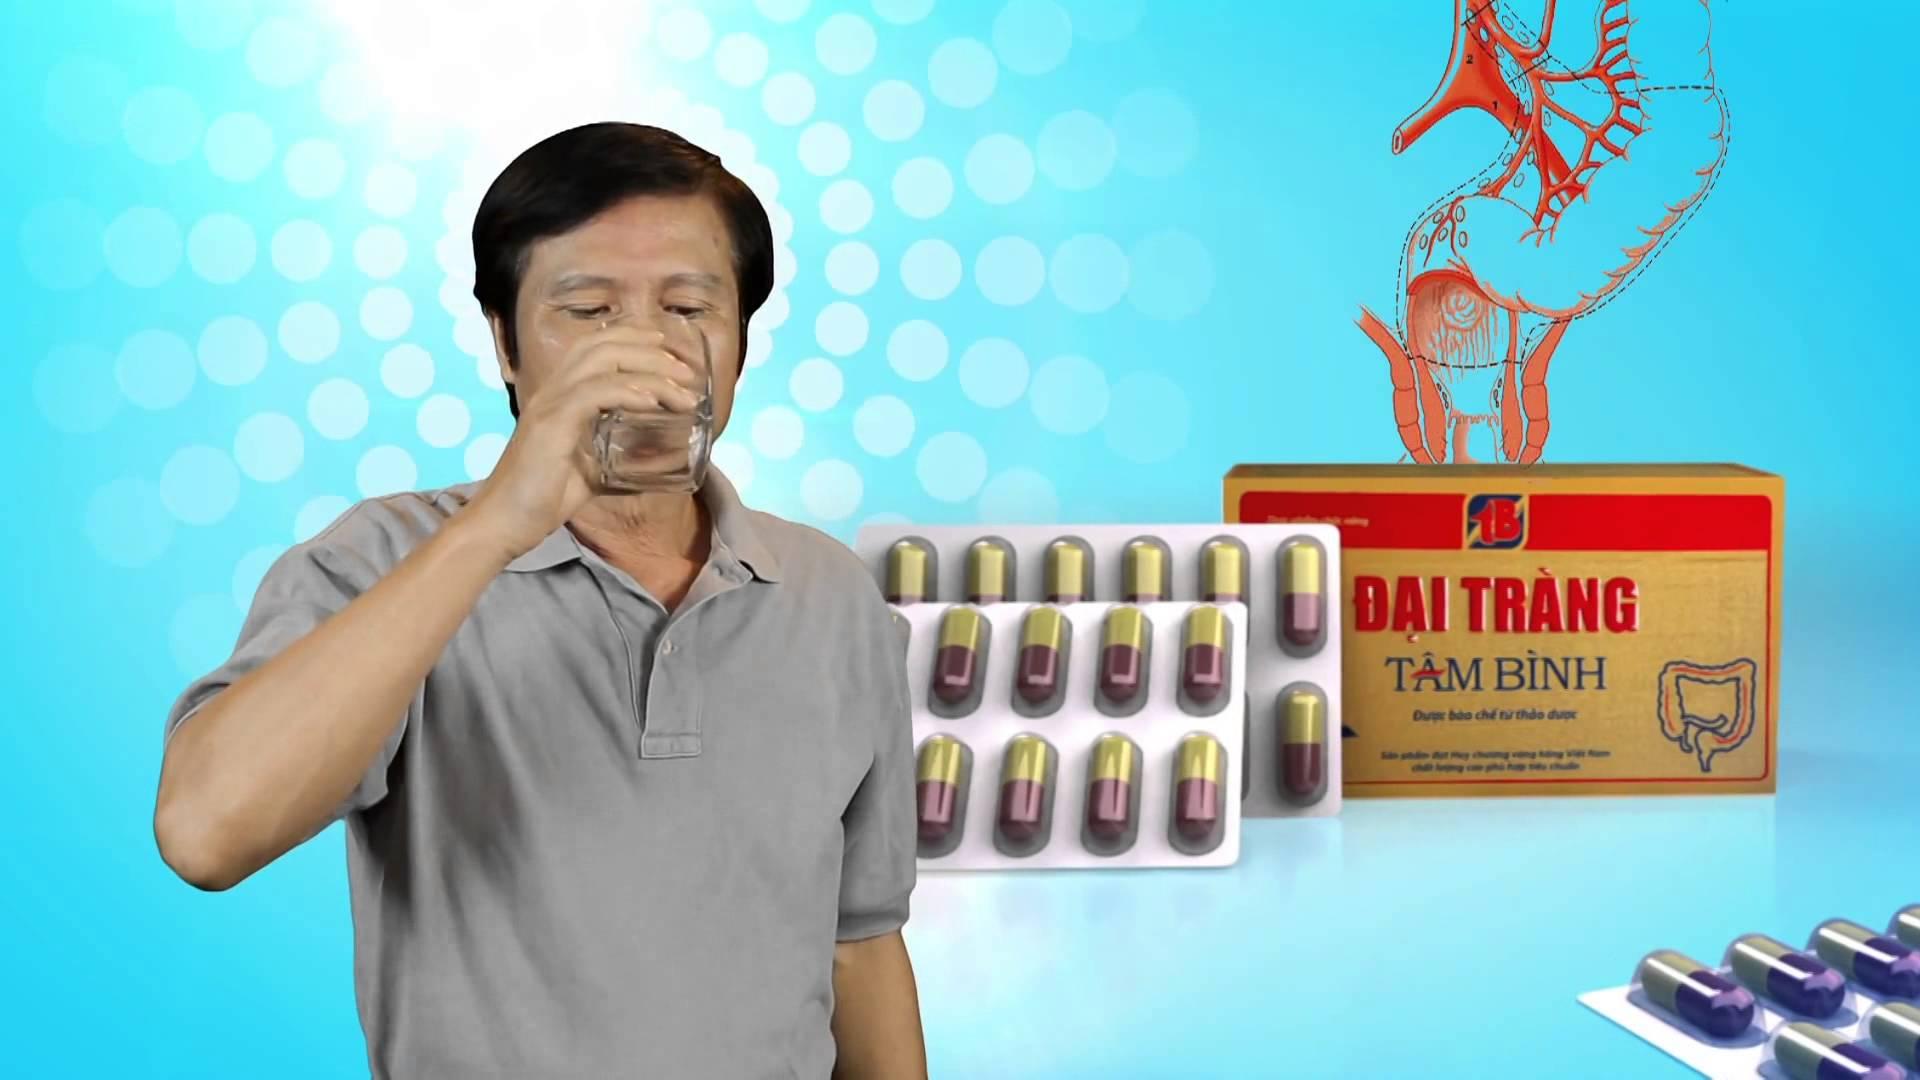 Cách sử dụng thuốc đại tràng Tâm Bình